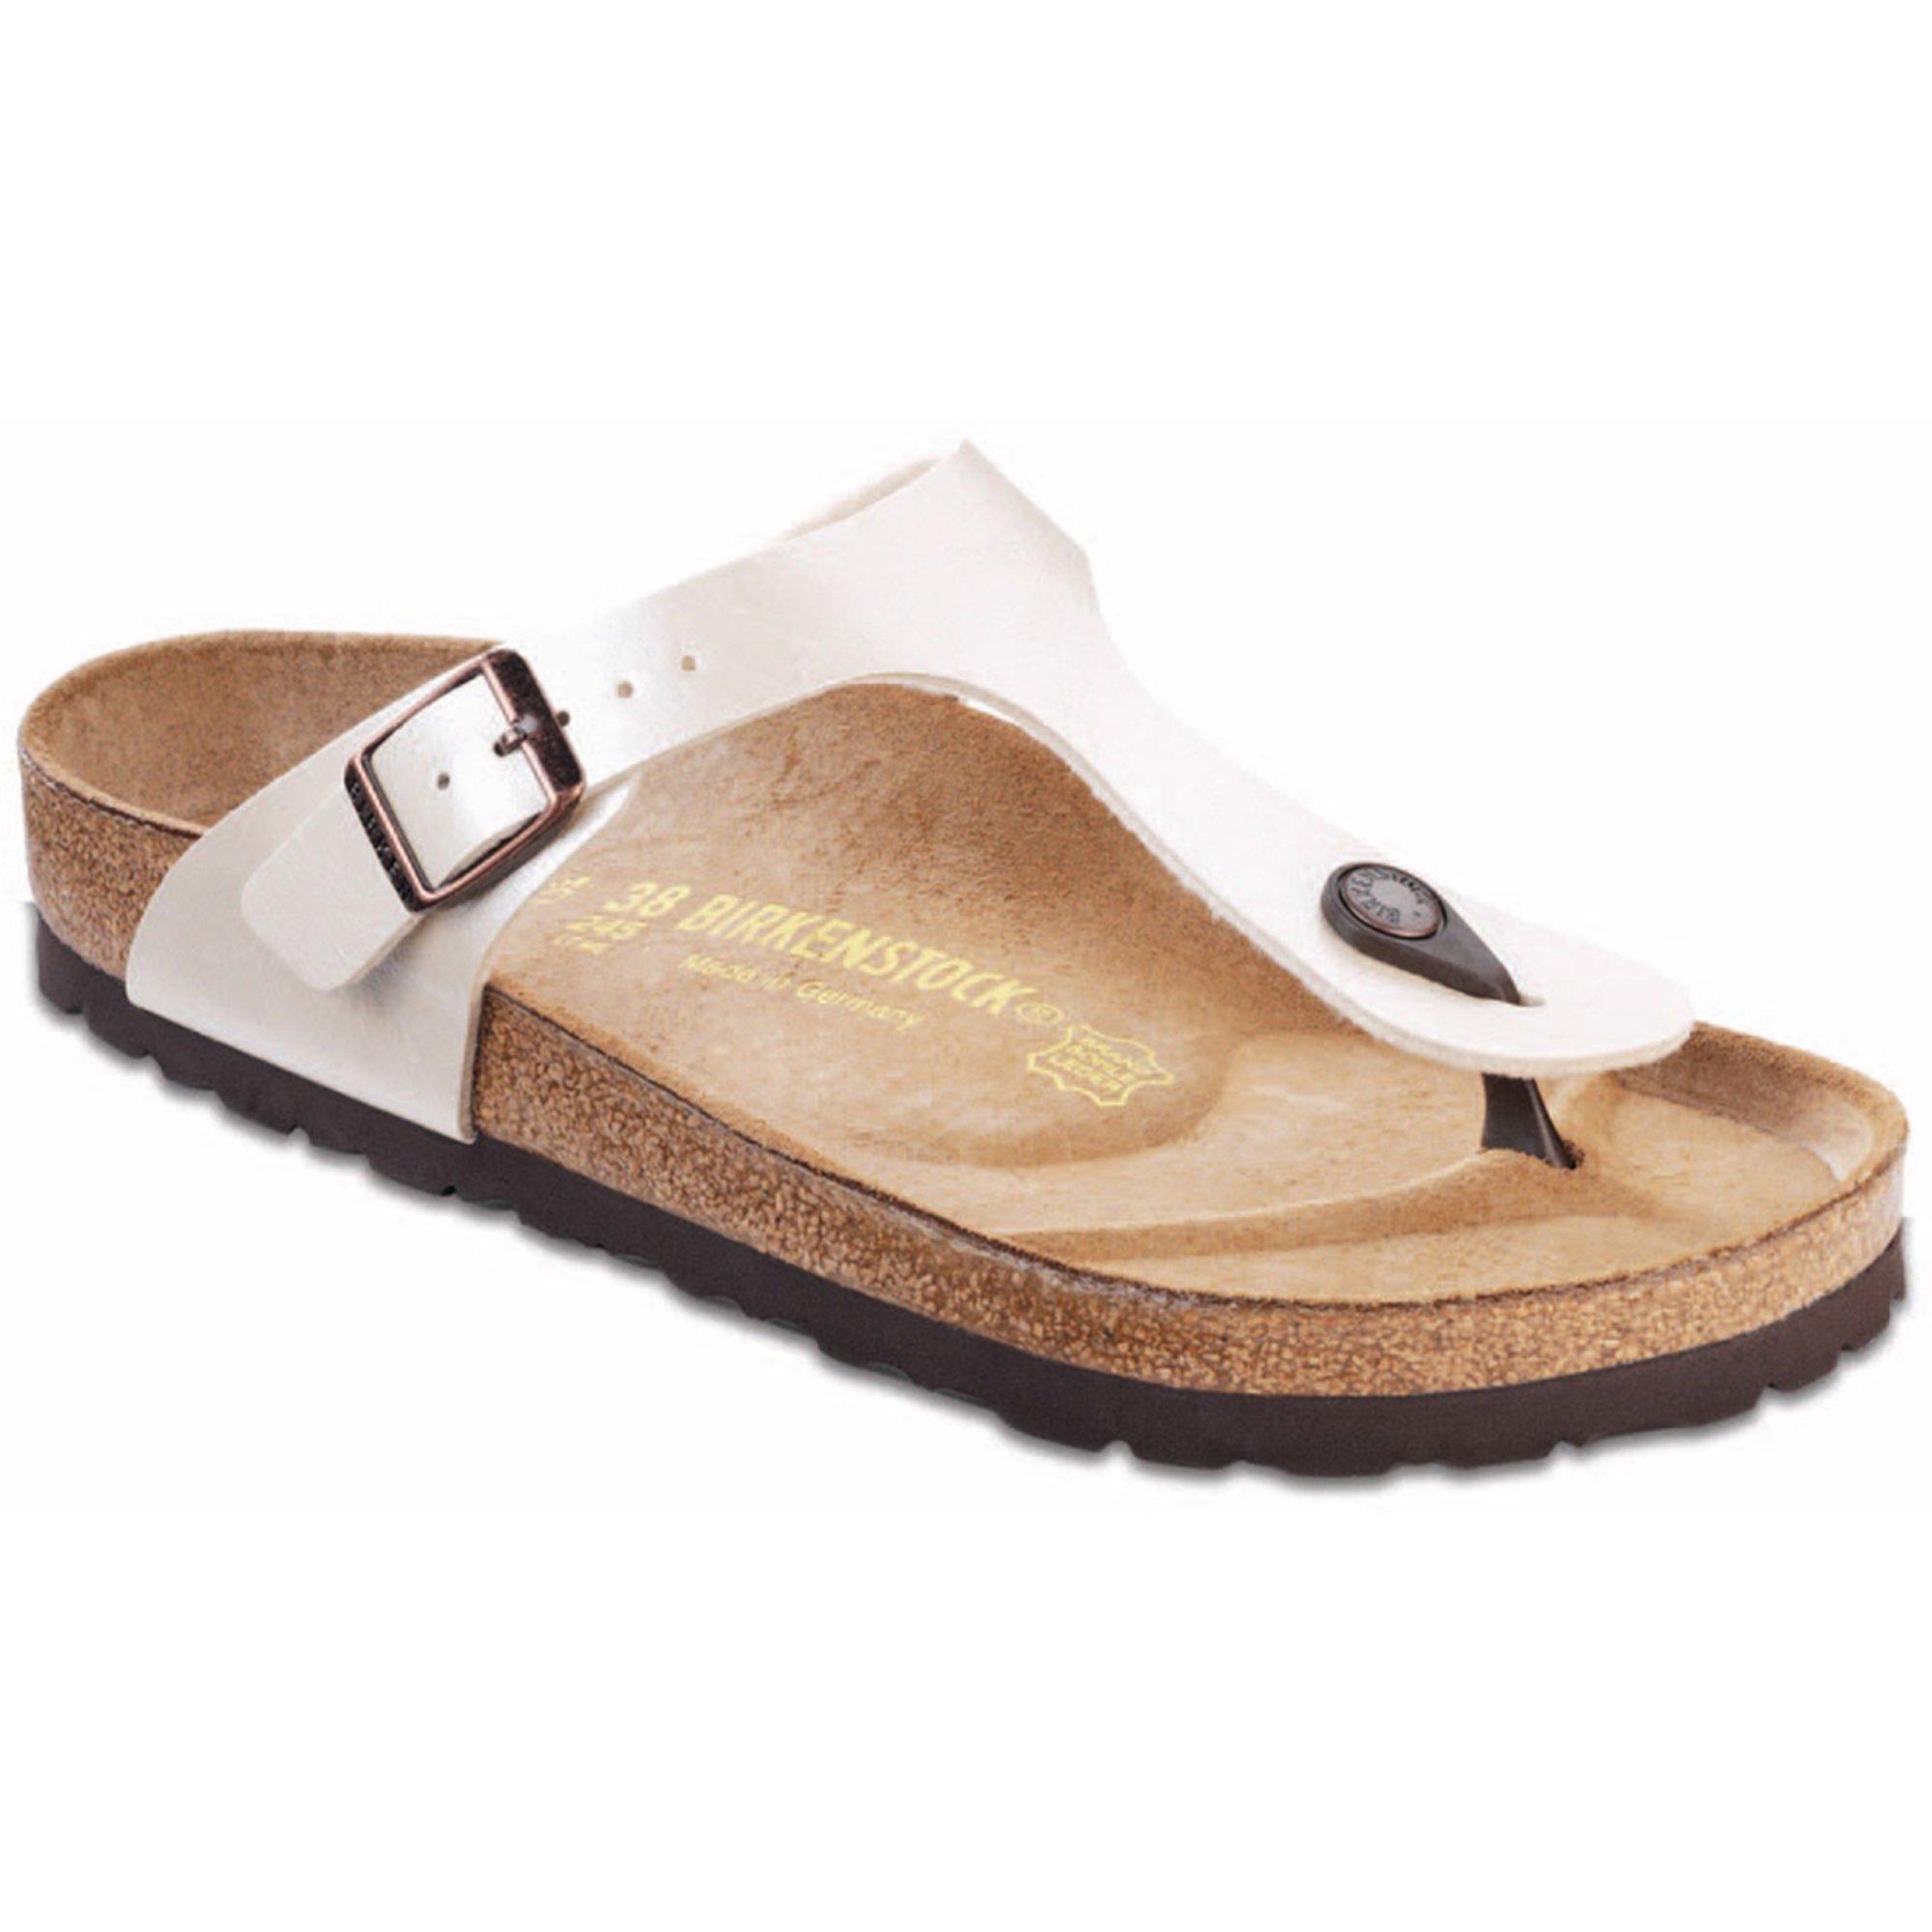 6206f18ac Birkenstock. Birkenstock Women s Gizeh Sandal